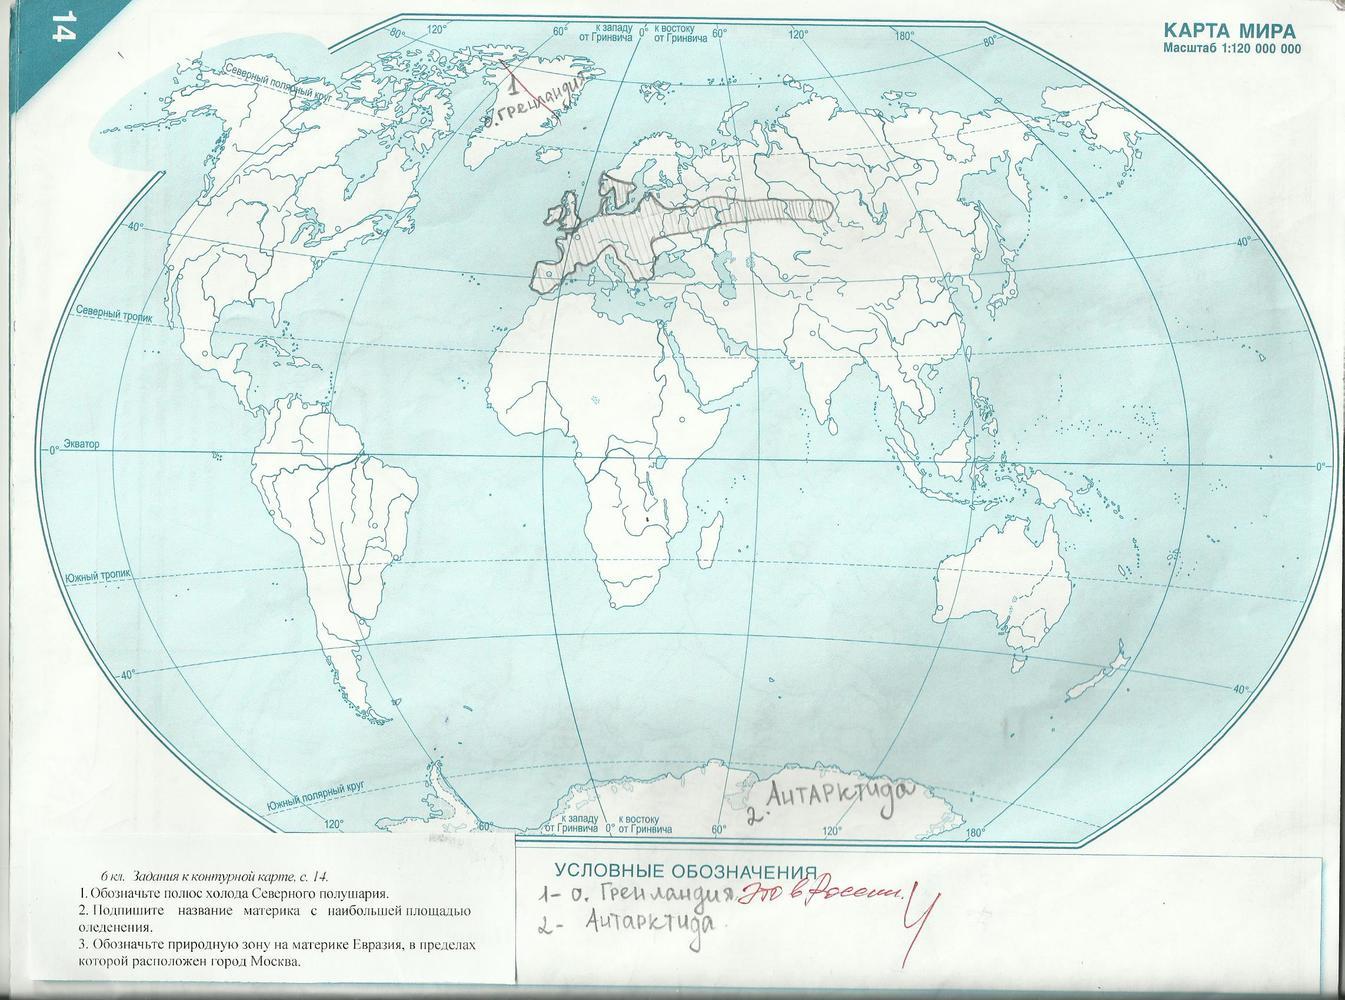 Гдз по географии контурная карта 6 класс стр 10 11